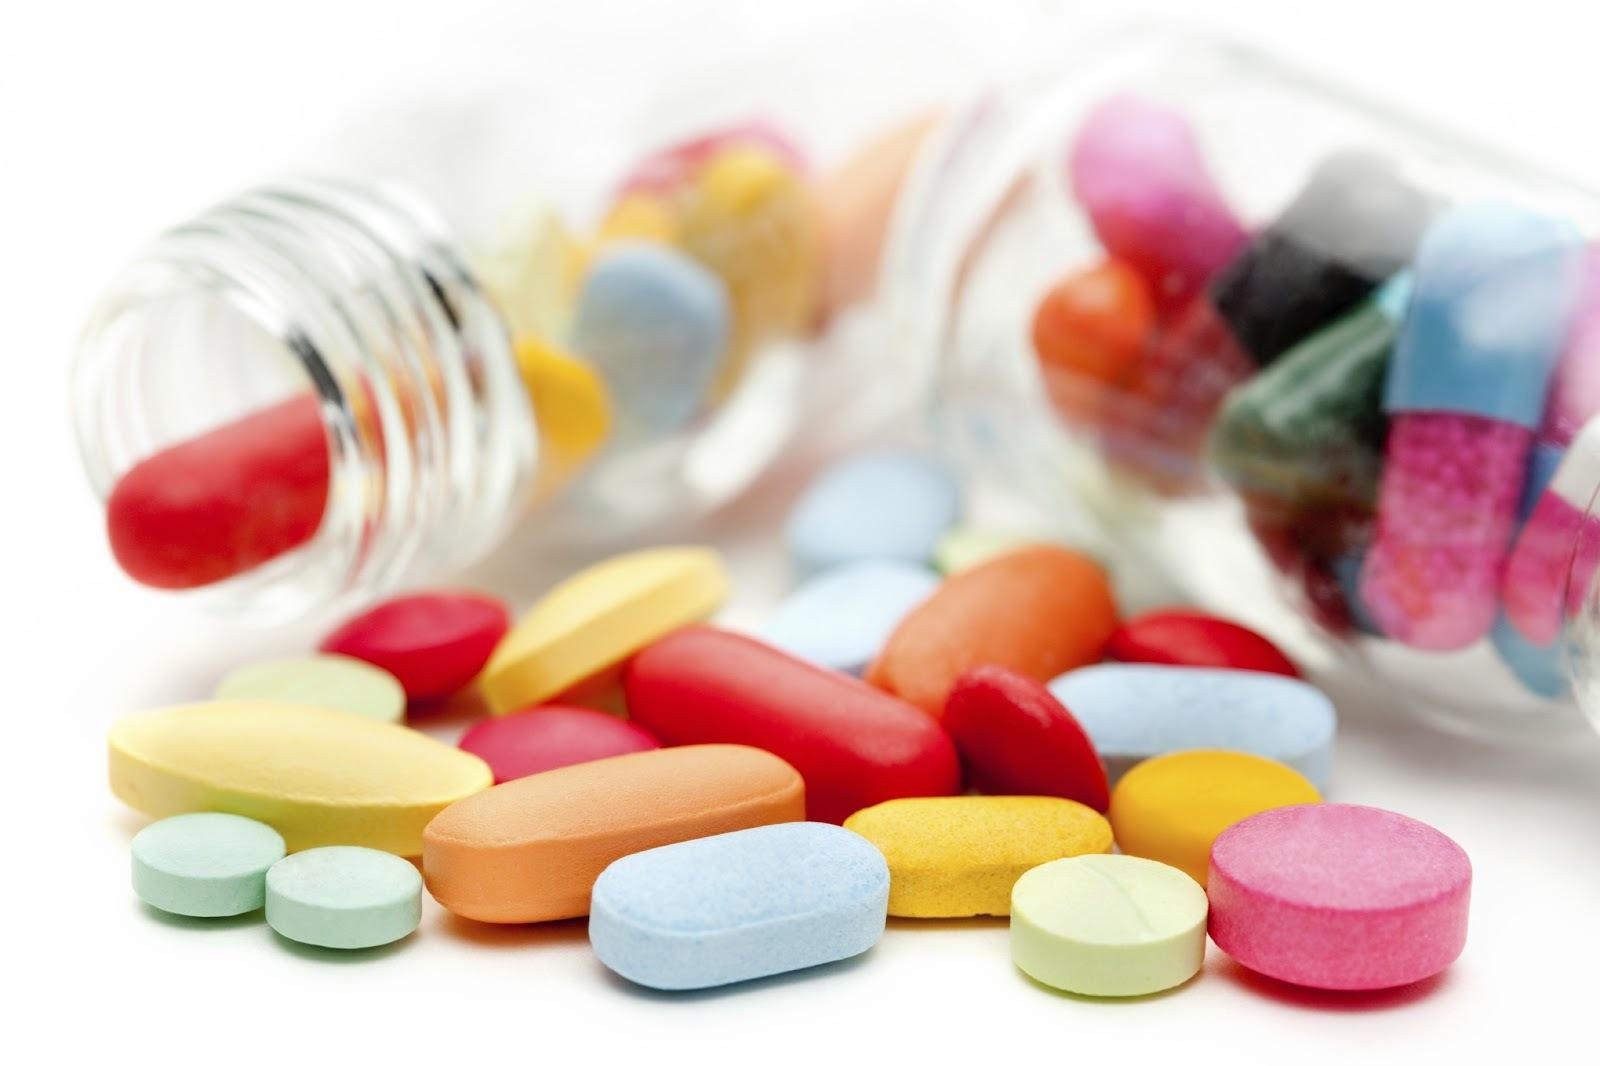 Os Efeitos Colaterais da Sinvastatina